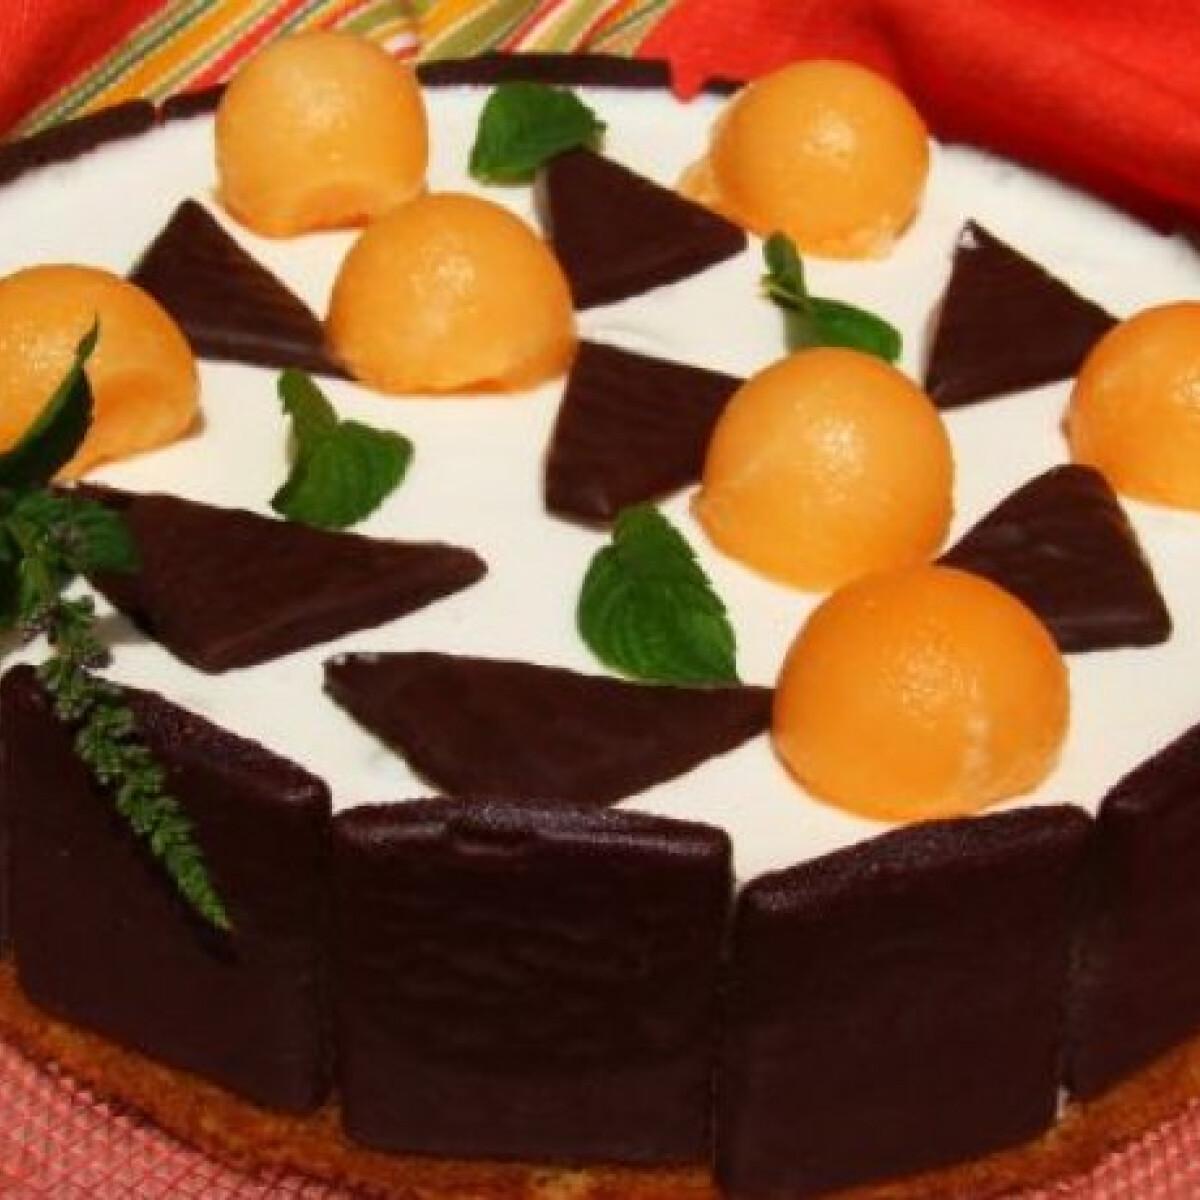 Ezen a képen: Mentás-csokis joghurttorta